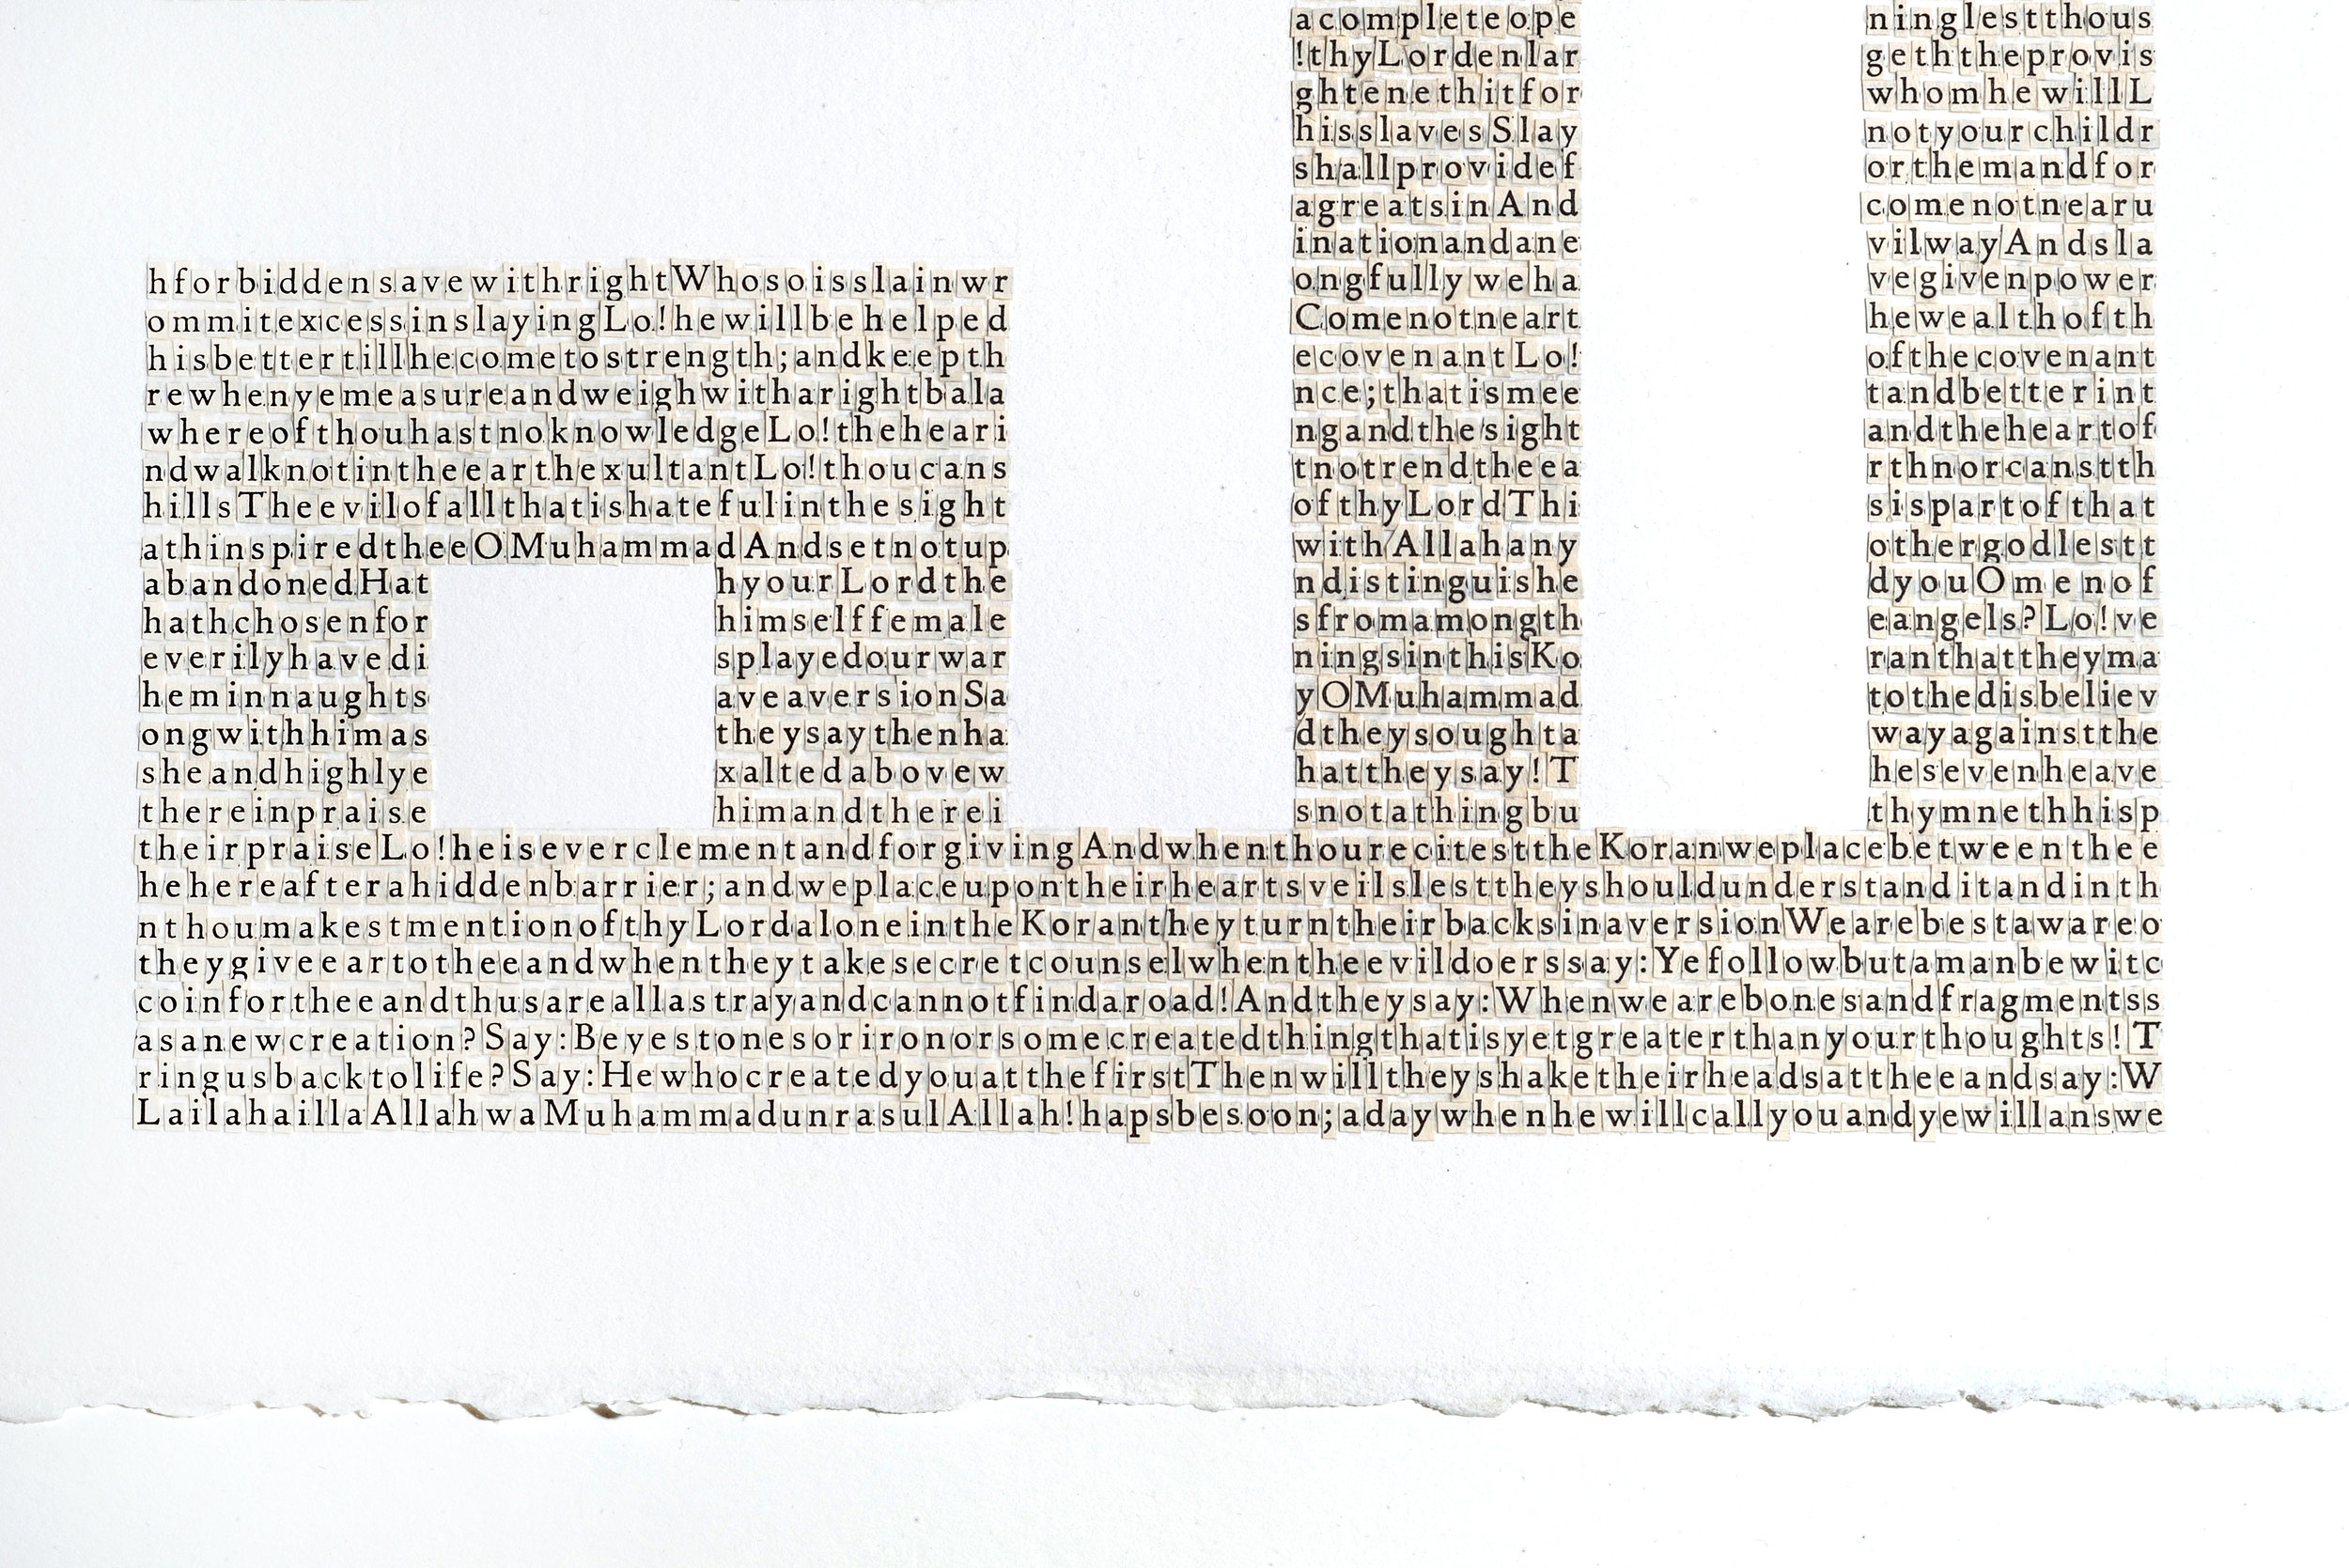 Allah-Twice-detail-large.jpg